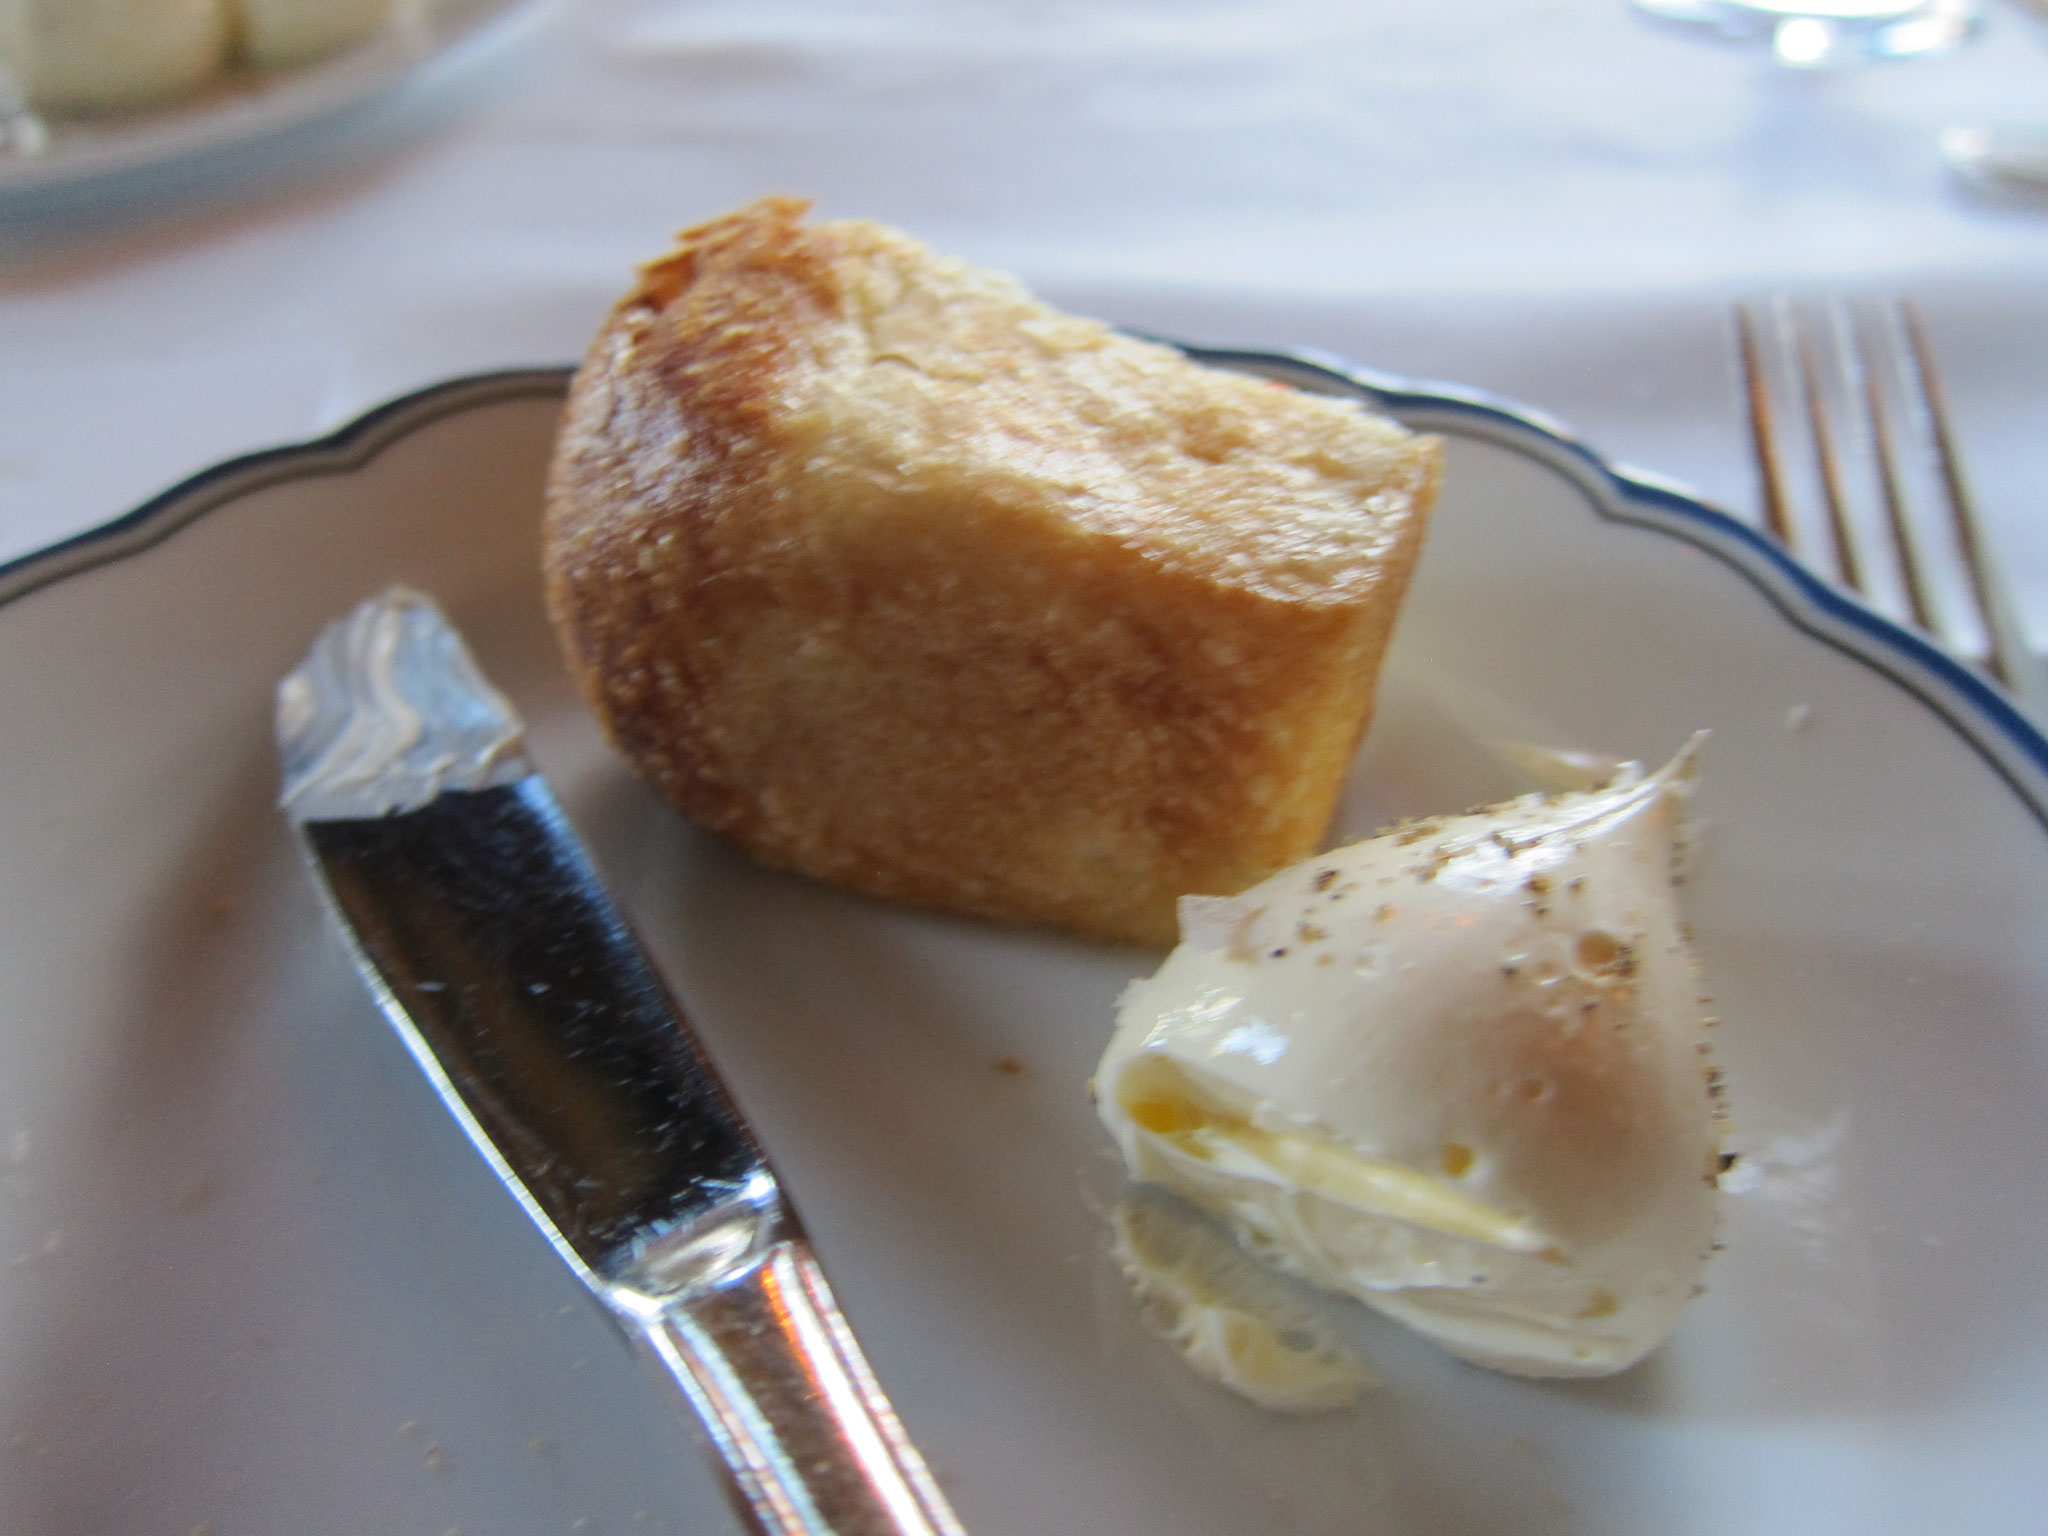 パンもカリッと焼けていて美味しいです